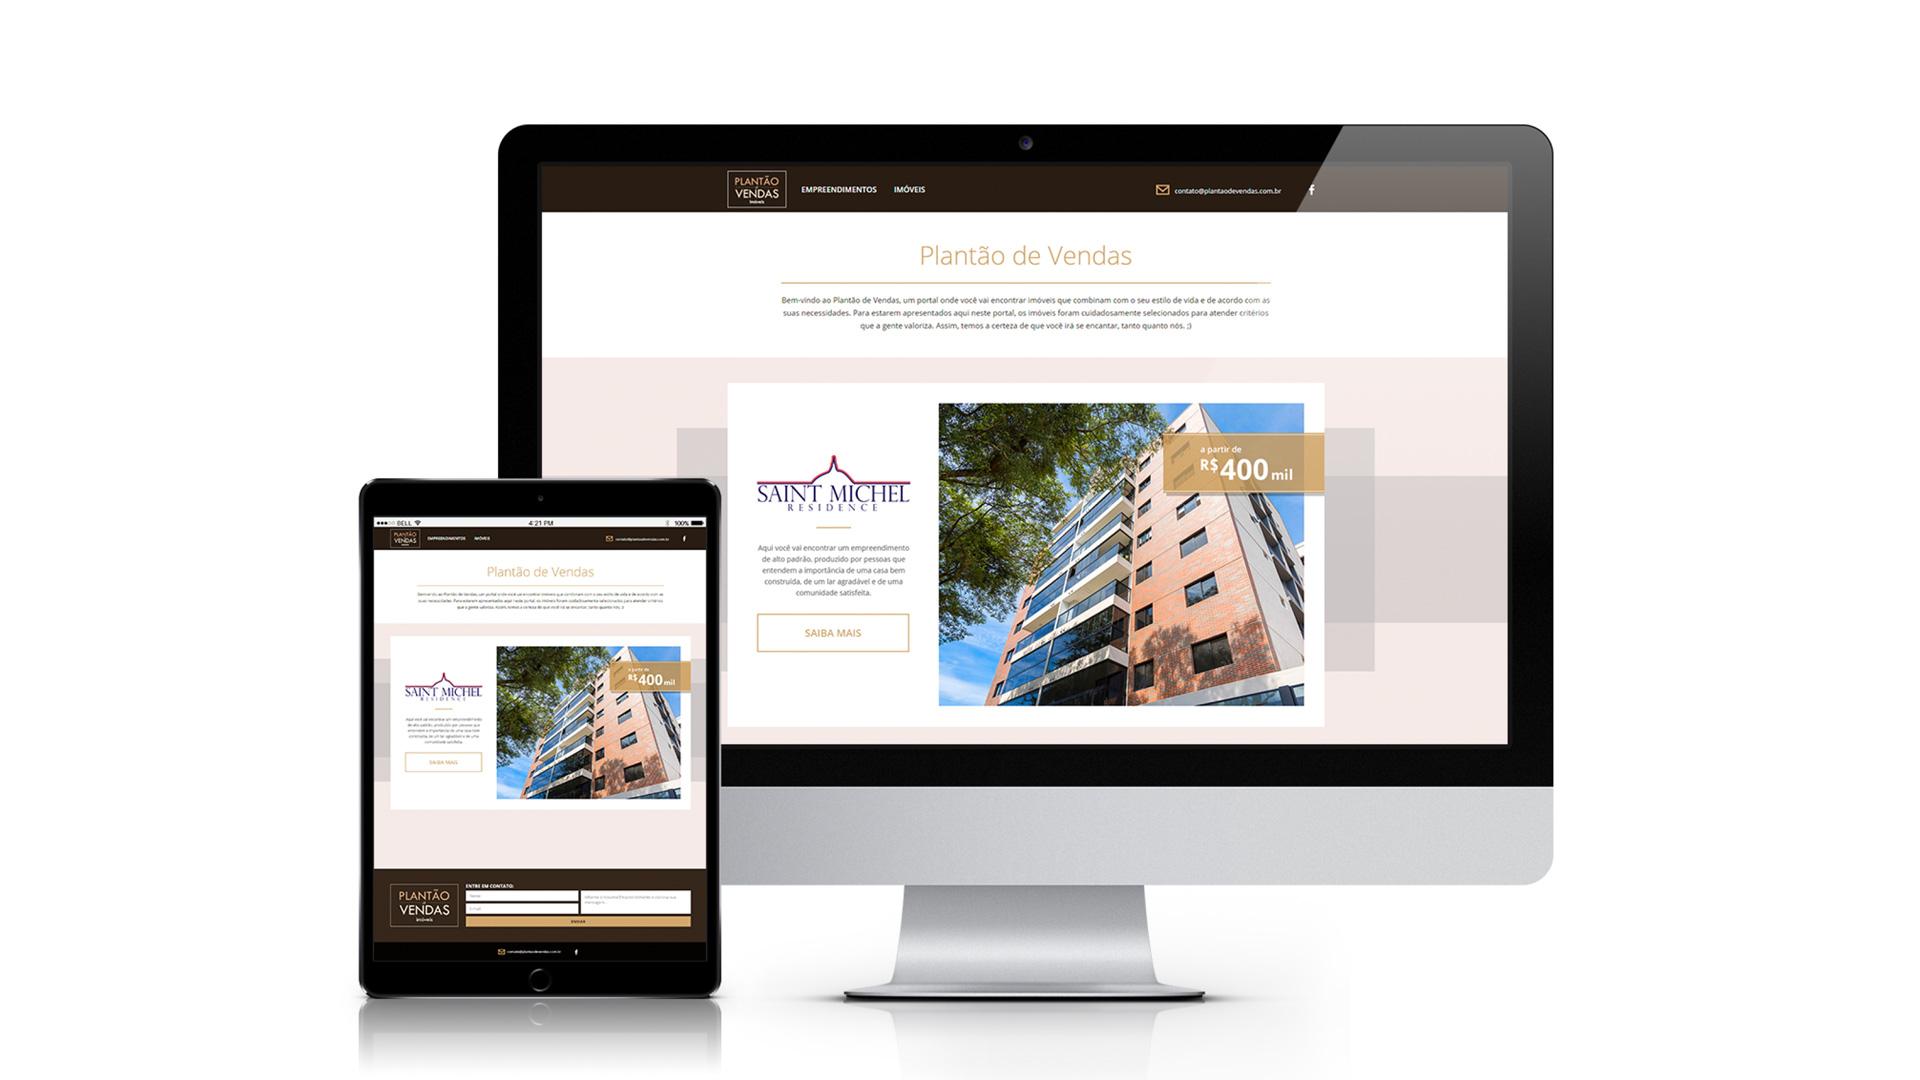 parolaconteudo_portfolio_webdesign_plantao-de-vendas-imoveis